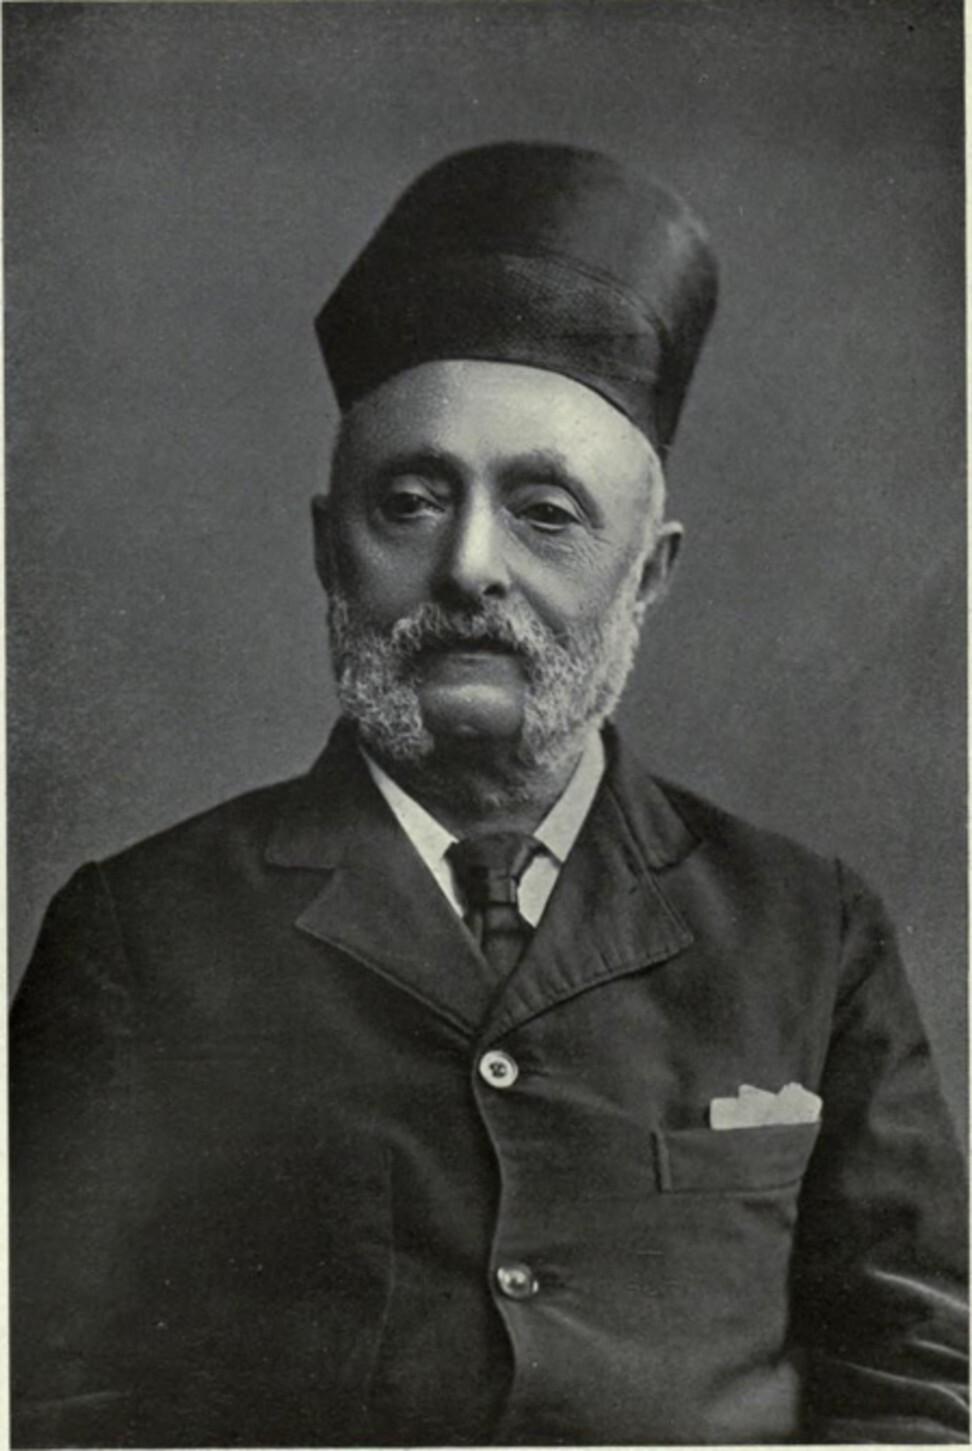 Hormusjee Naorojee Mody. Photo: Wikipedia